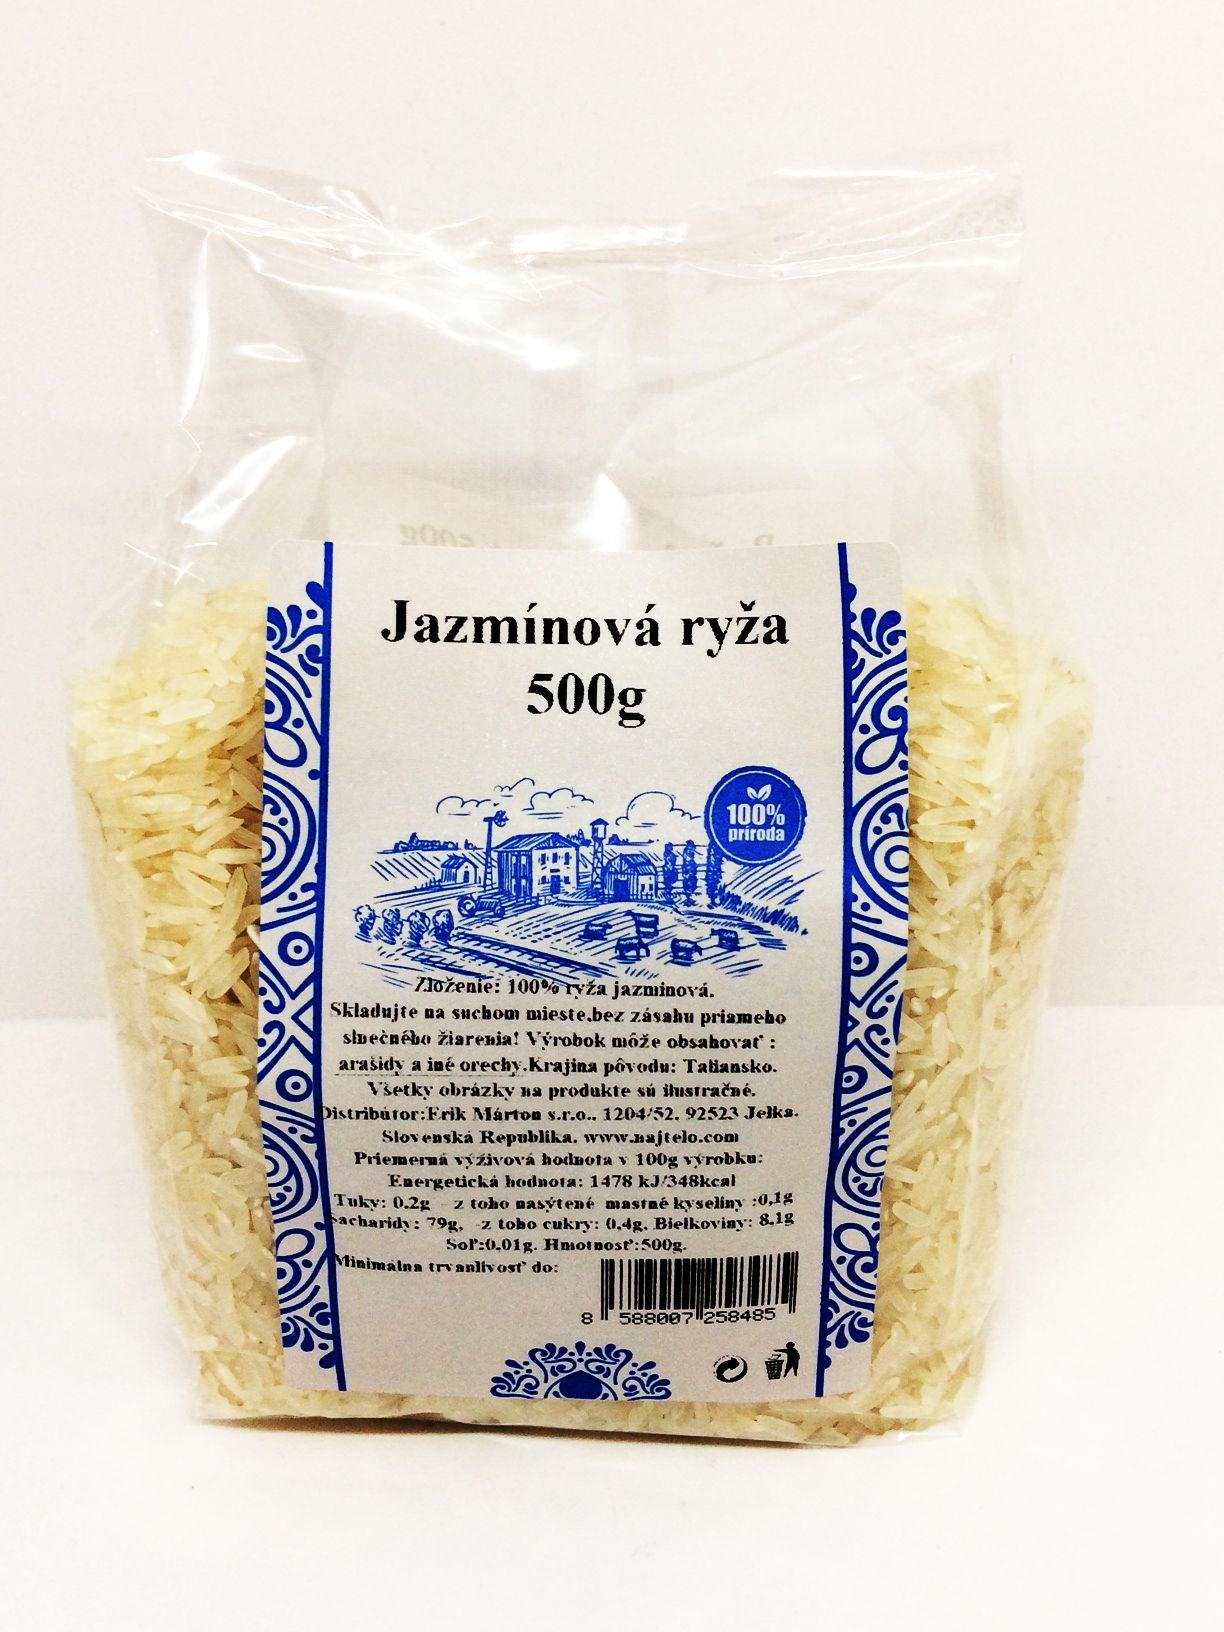 Jazminova ryža 500g Najtelo